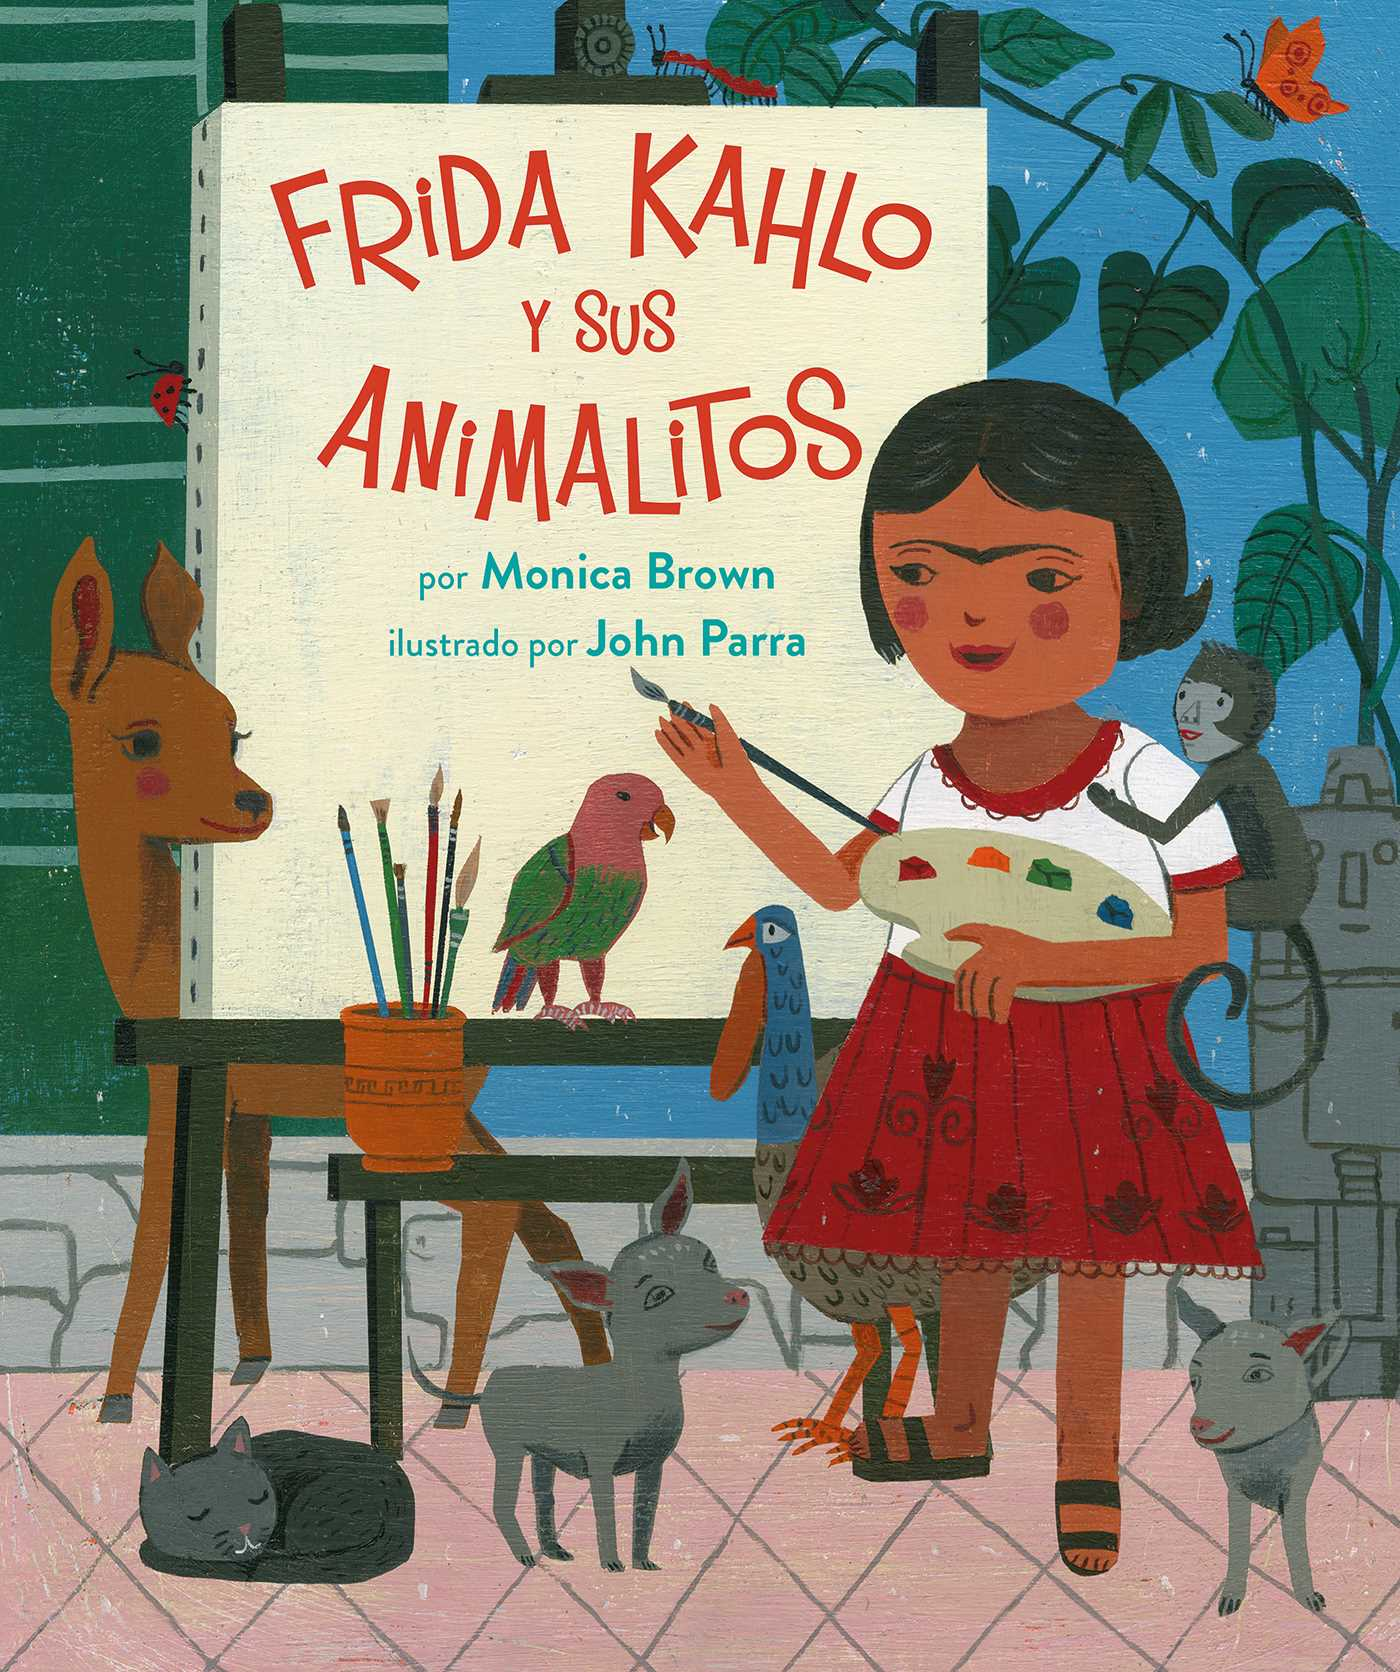 Frida kahlo y sus animalitos 9780735842922 hr